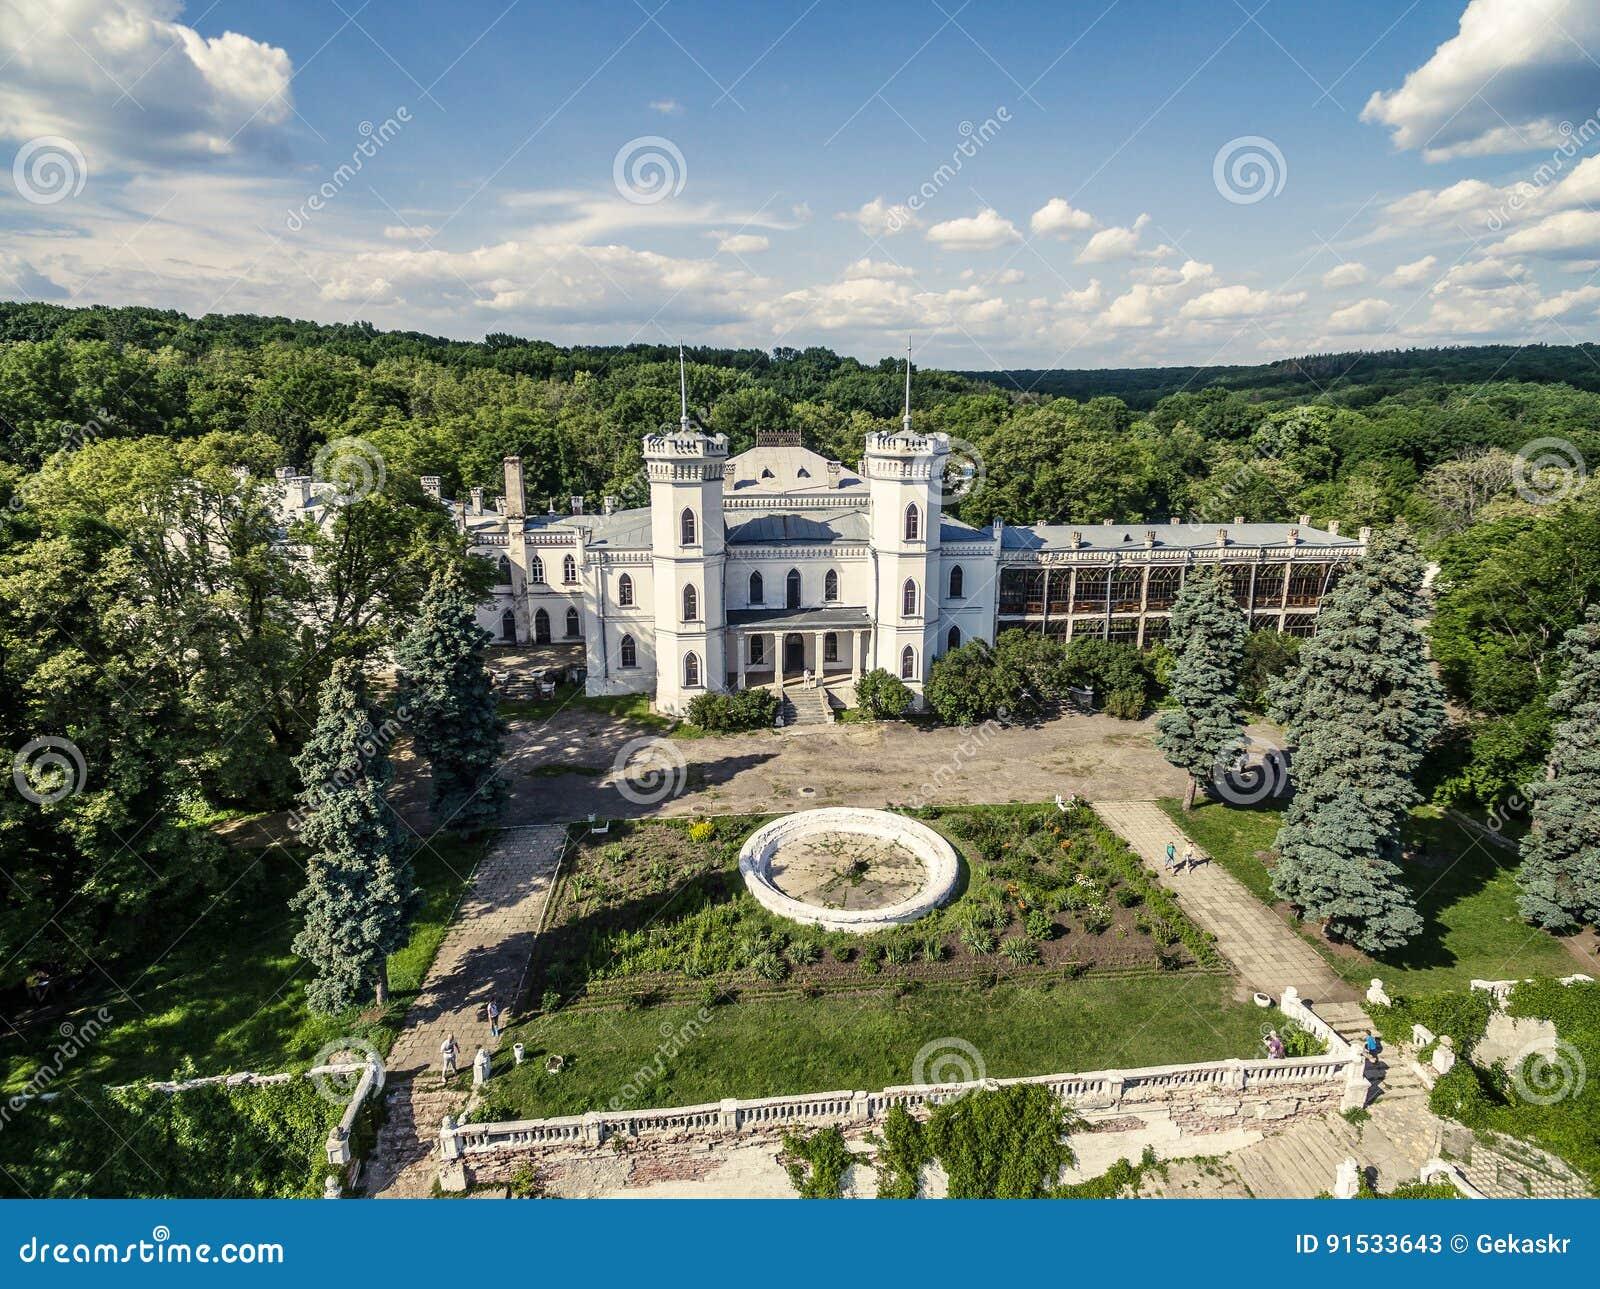 Piękny widok na Białym Łabędzim jardzie w Sharivka parku i pałac, Kharkiv region